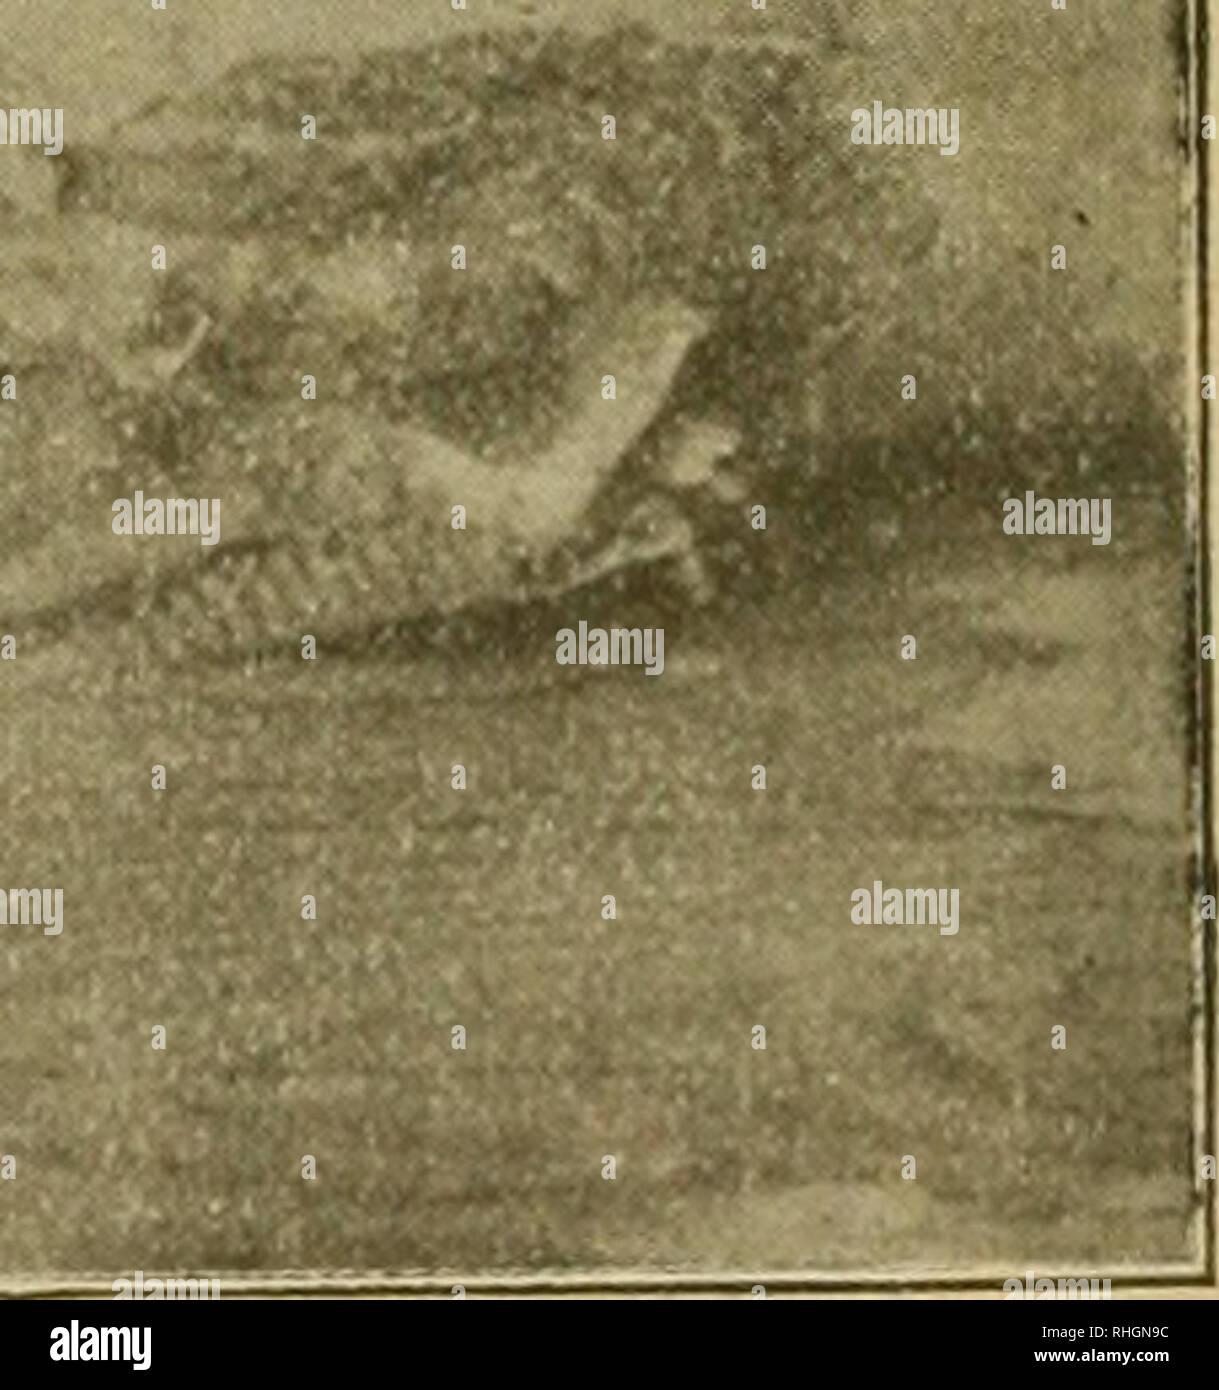 . Boletin de pescas. Fisheries. (Fig. 2.») Cabeza de Cephaloptera, vista ventralmente. janza de parches, bastando tirar de un extremo para levan- tarlas, sin dificultad ni gran esfuerzo, quedando separadas de las mandíbulas por completo sin que sufran dieterioro alguno. En cxmbas cintas, que son iguales, y me permito conside- rarlas a manera de encías, se encuentran insertos multitud de dientecitos calizos de diminuto tamaño, no llegan a medio milímetro de espesor, colocados con no mucha regularidad. Please note that these images are extracted from scanned page images that may have been digita - Stock Image